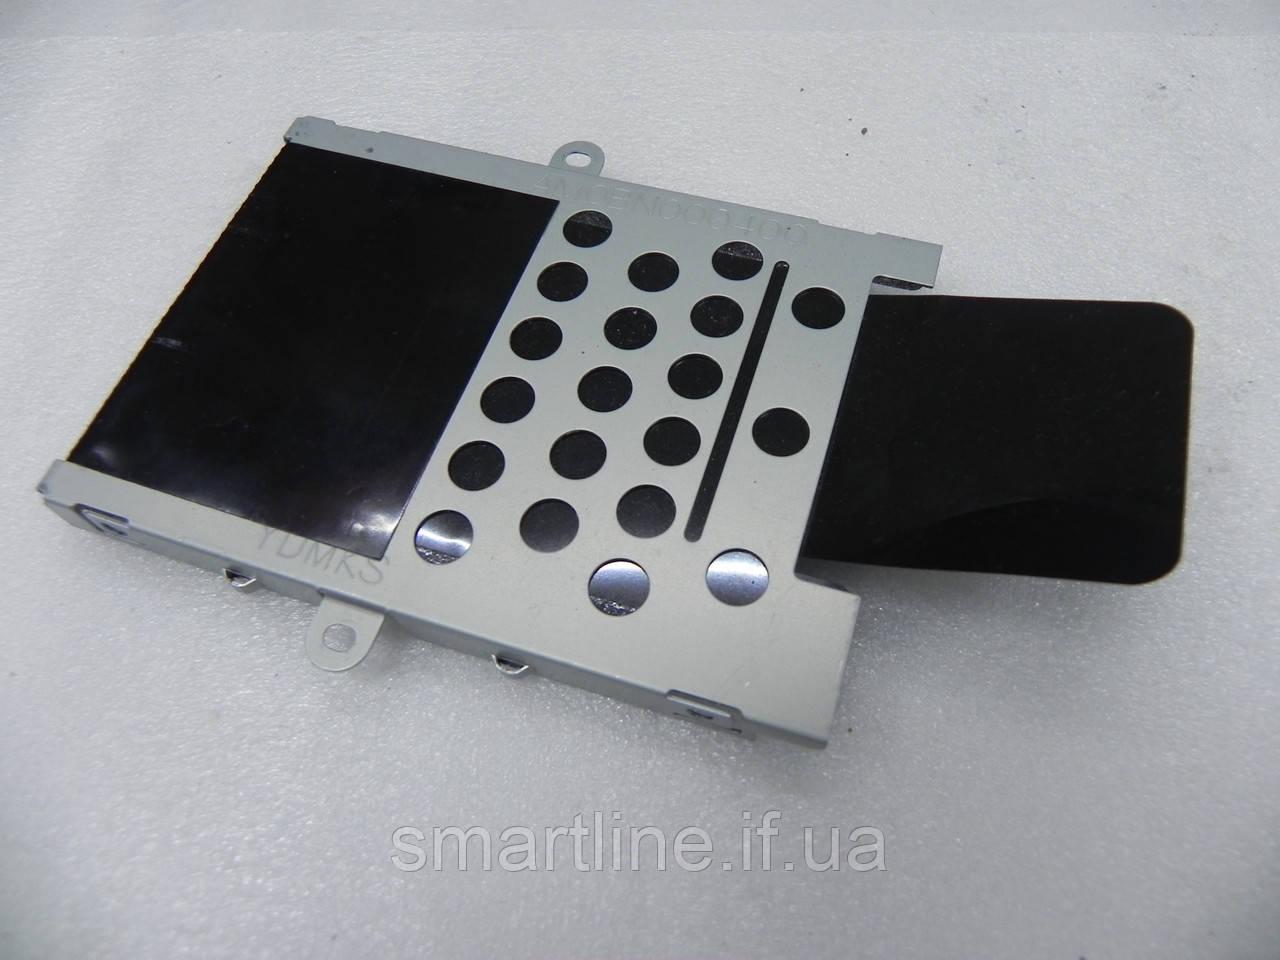 Шахта HDD для ноутбука Lenovo G560 G460 G565 Z560 Z565 - AM0BN000400,